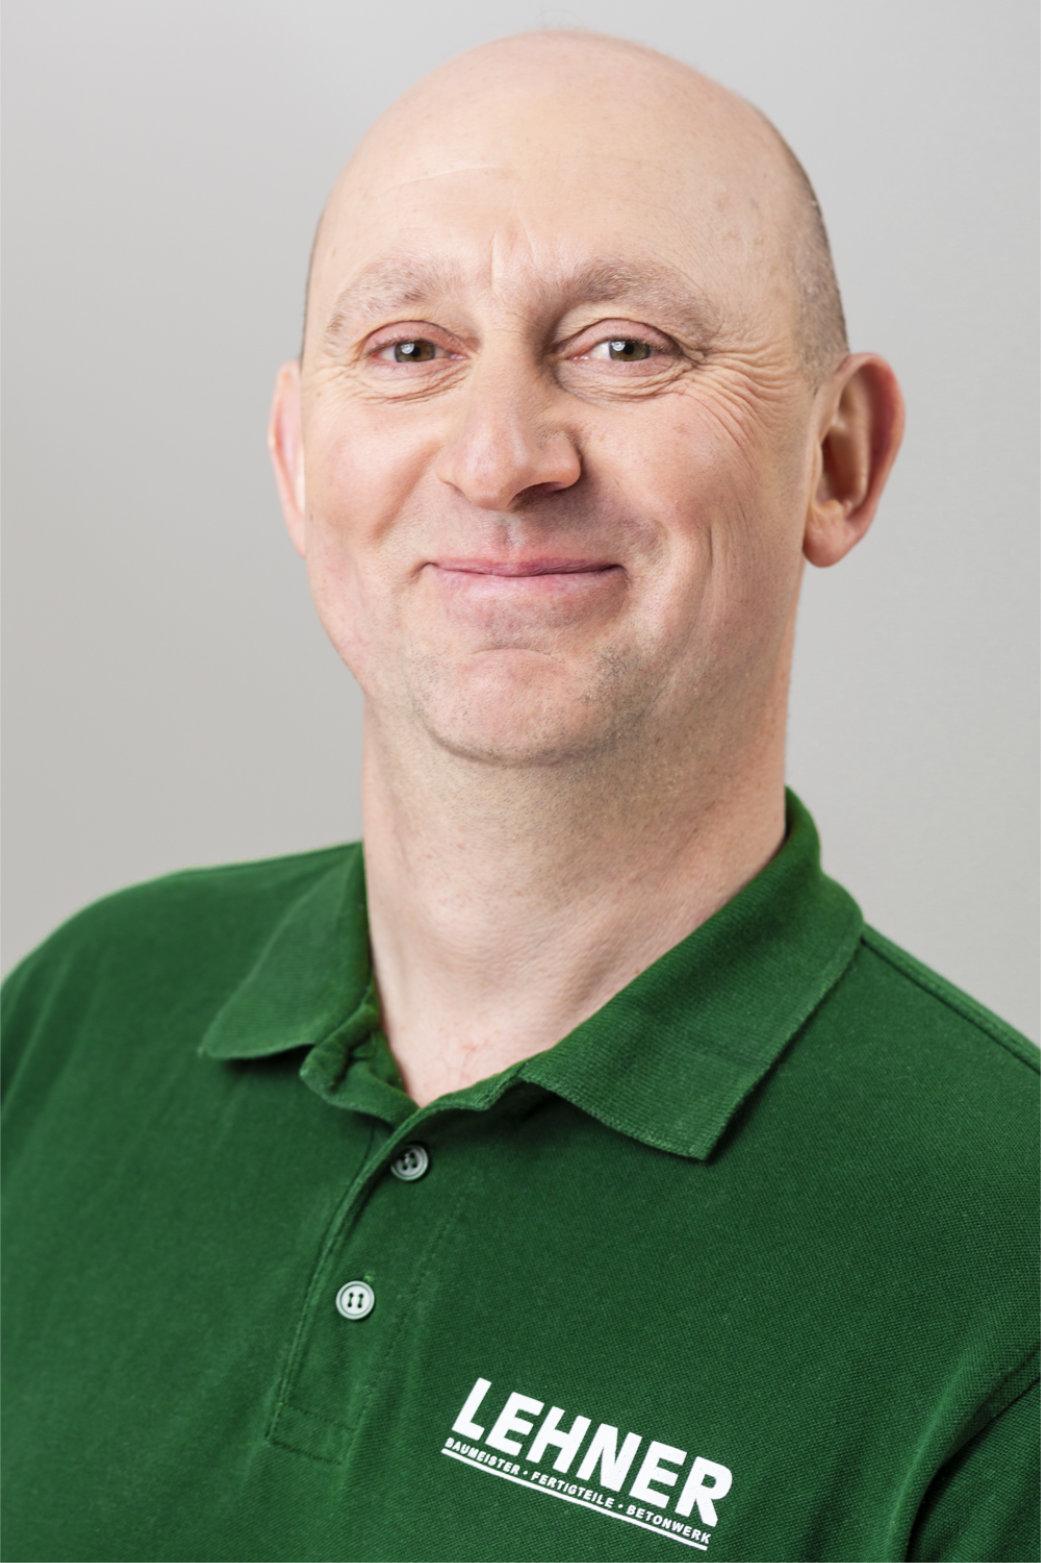 Johannes Mayrhofer<br>Hallenmeister